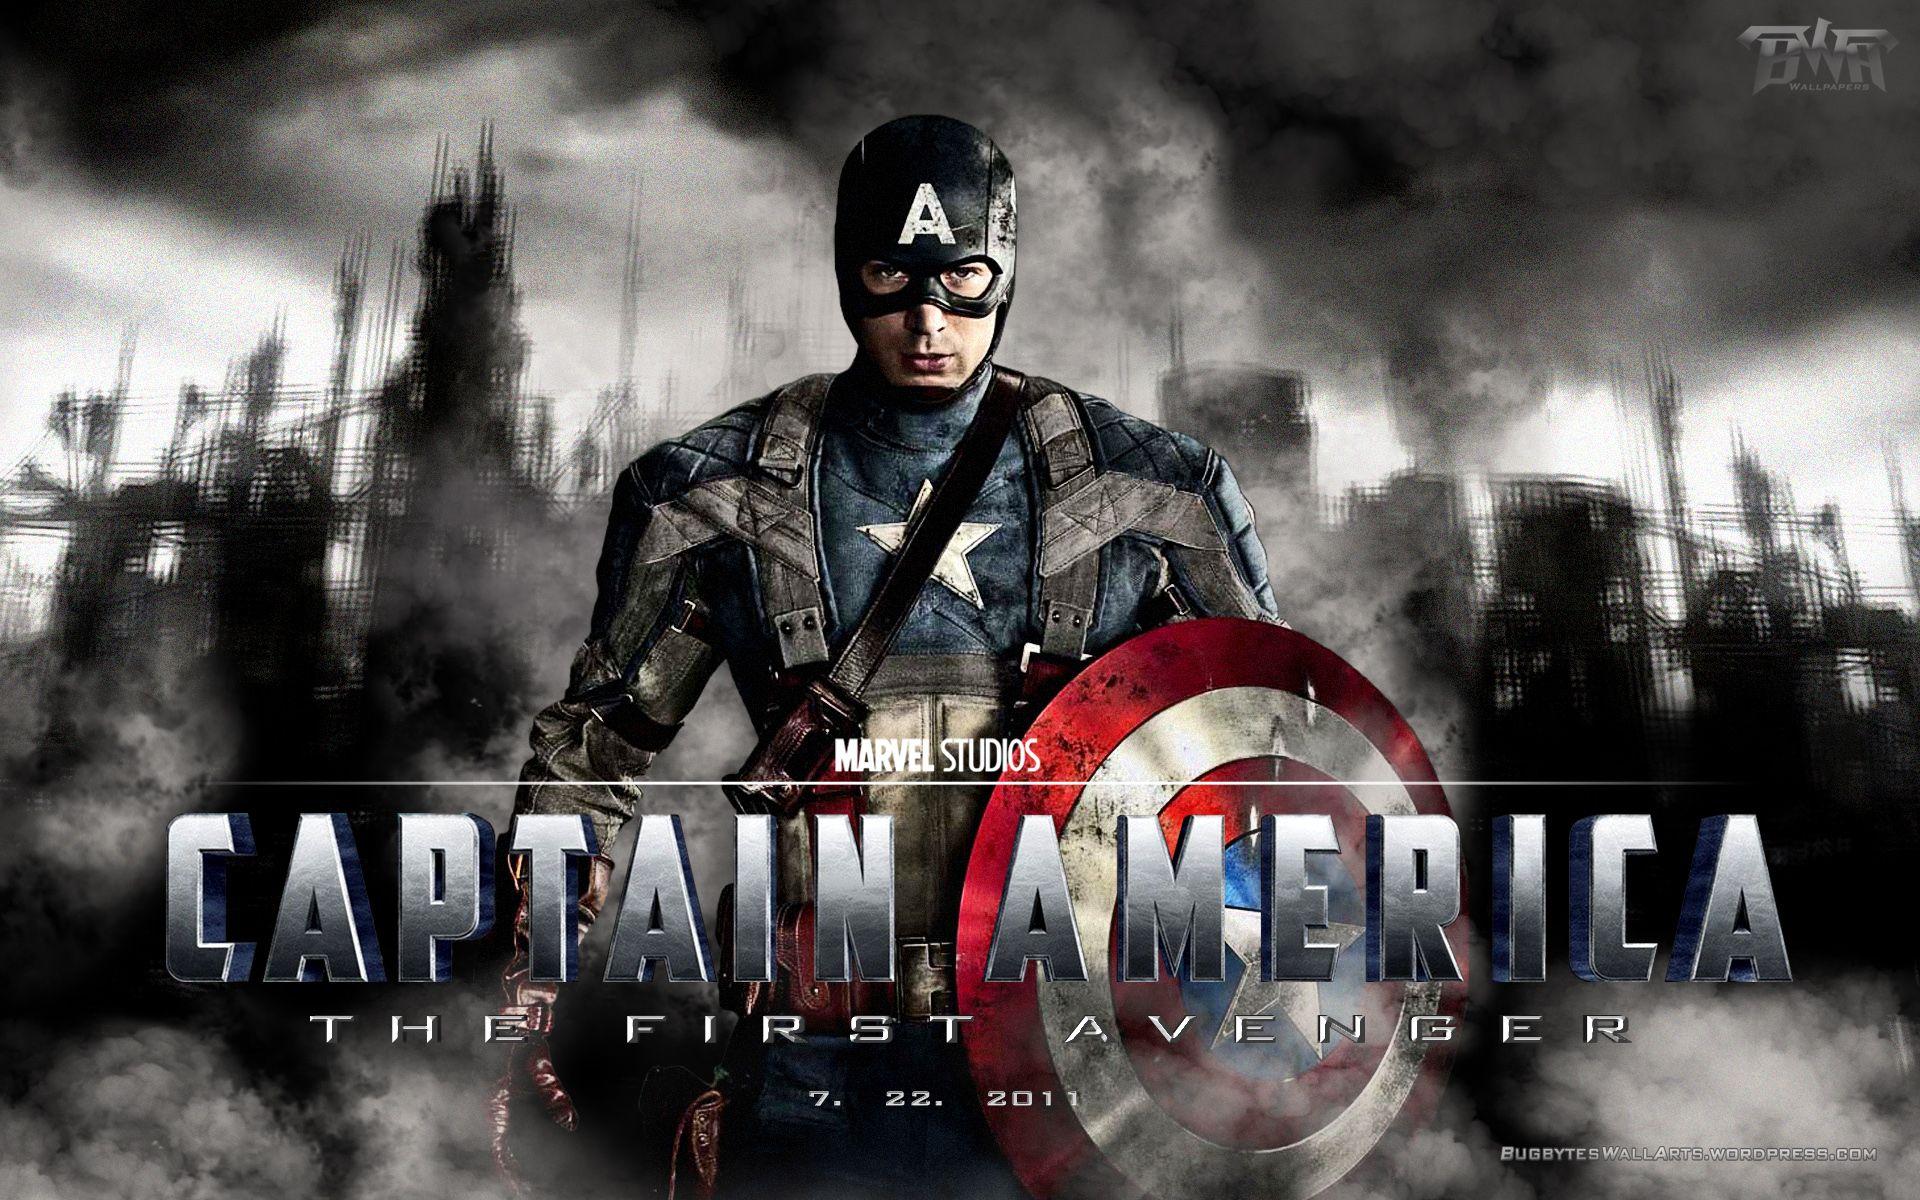 Avengers Pinterest: Captain America The First Avenger Wallpaper